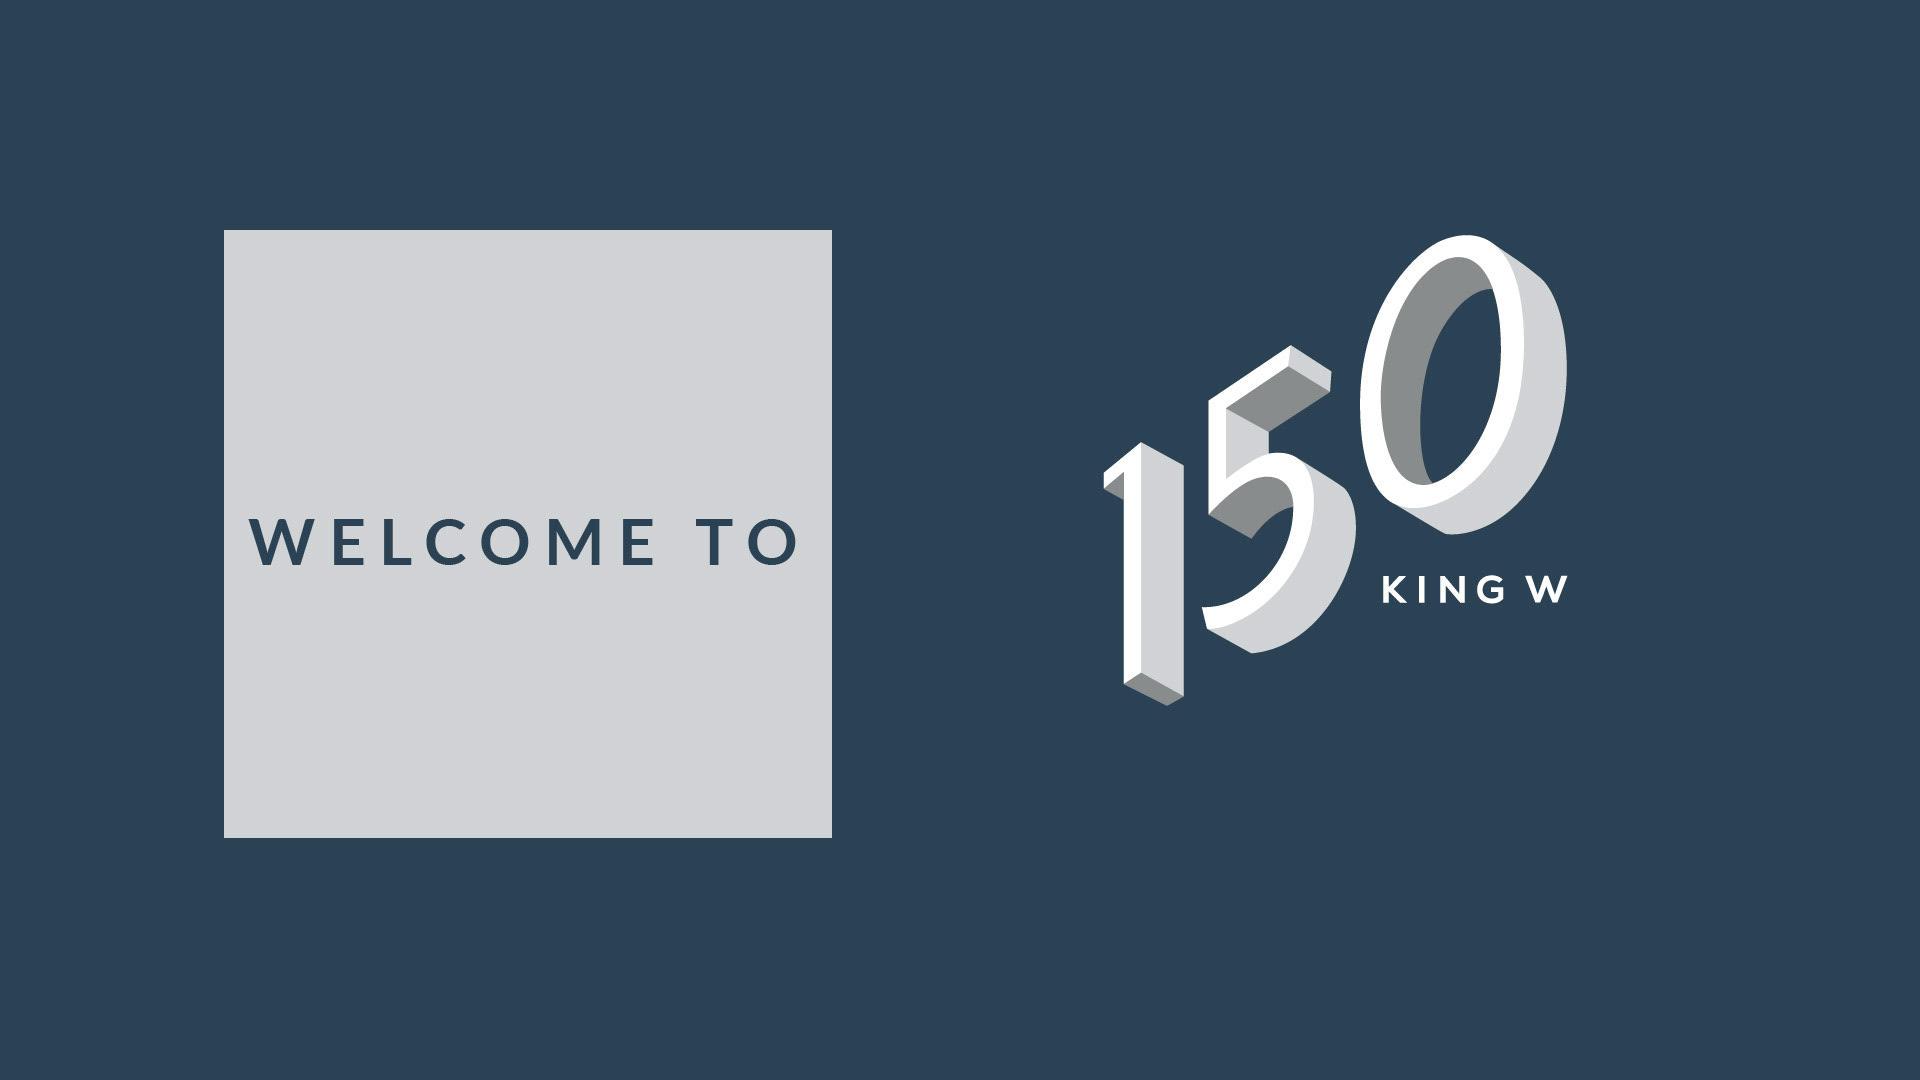 150 King Street West